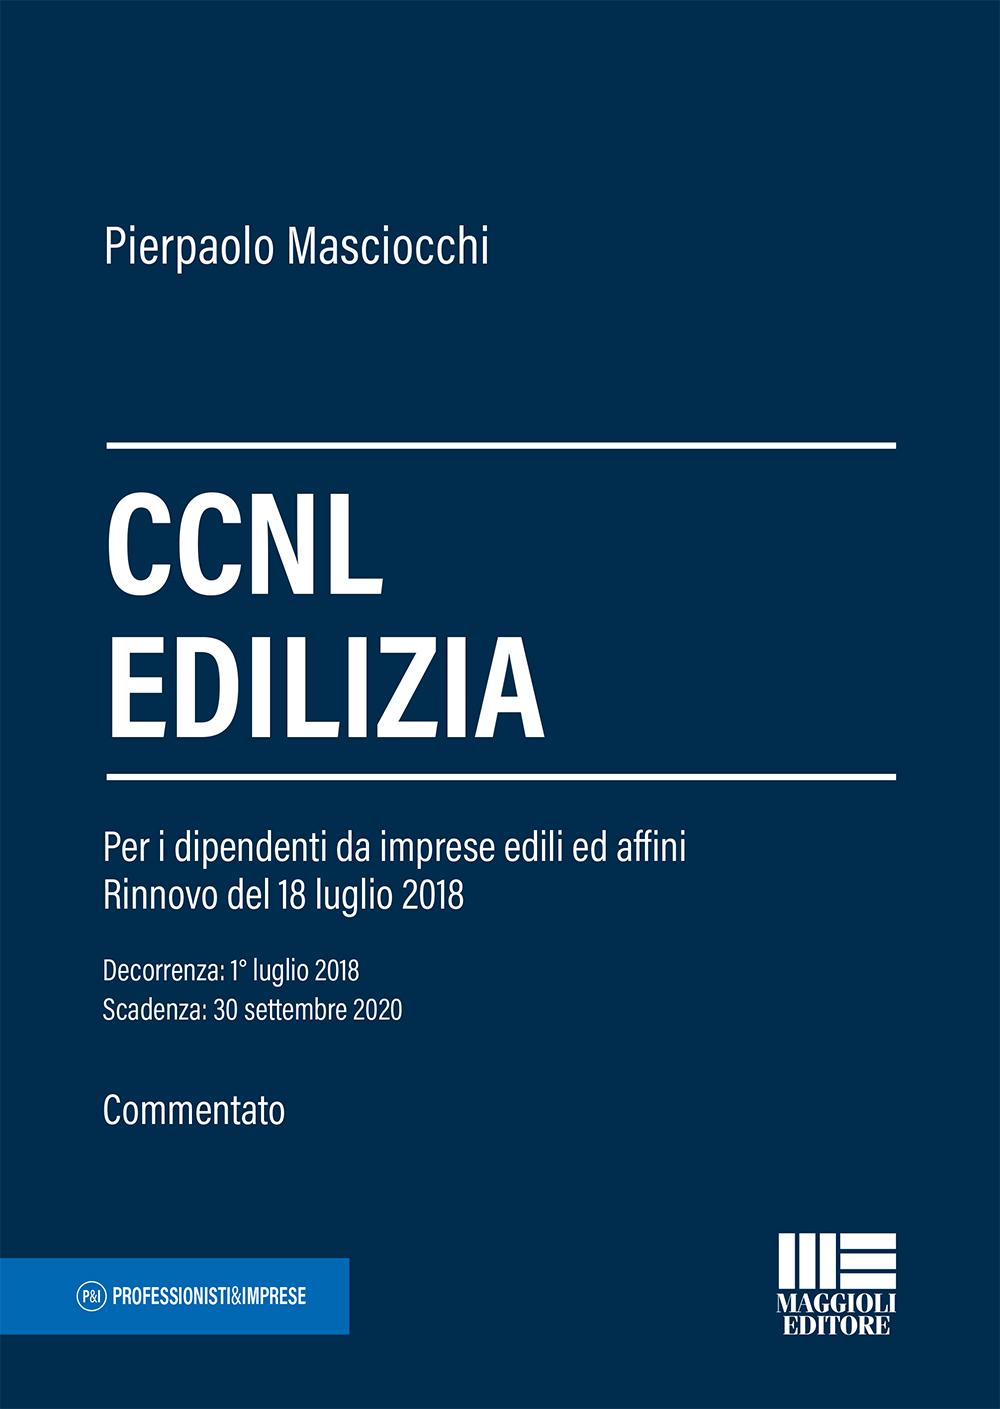 CCNL Edilizia